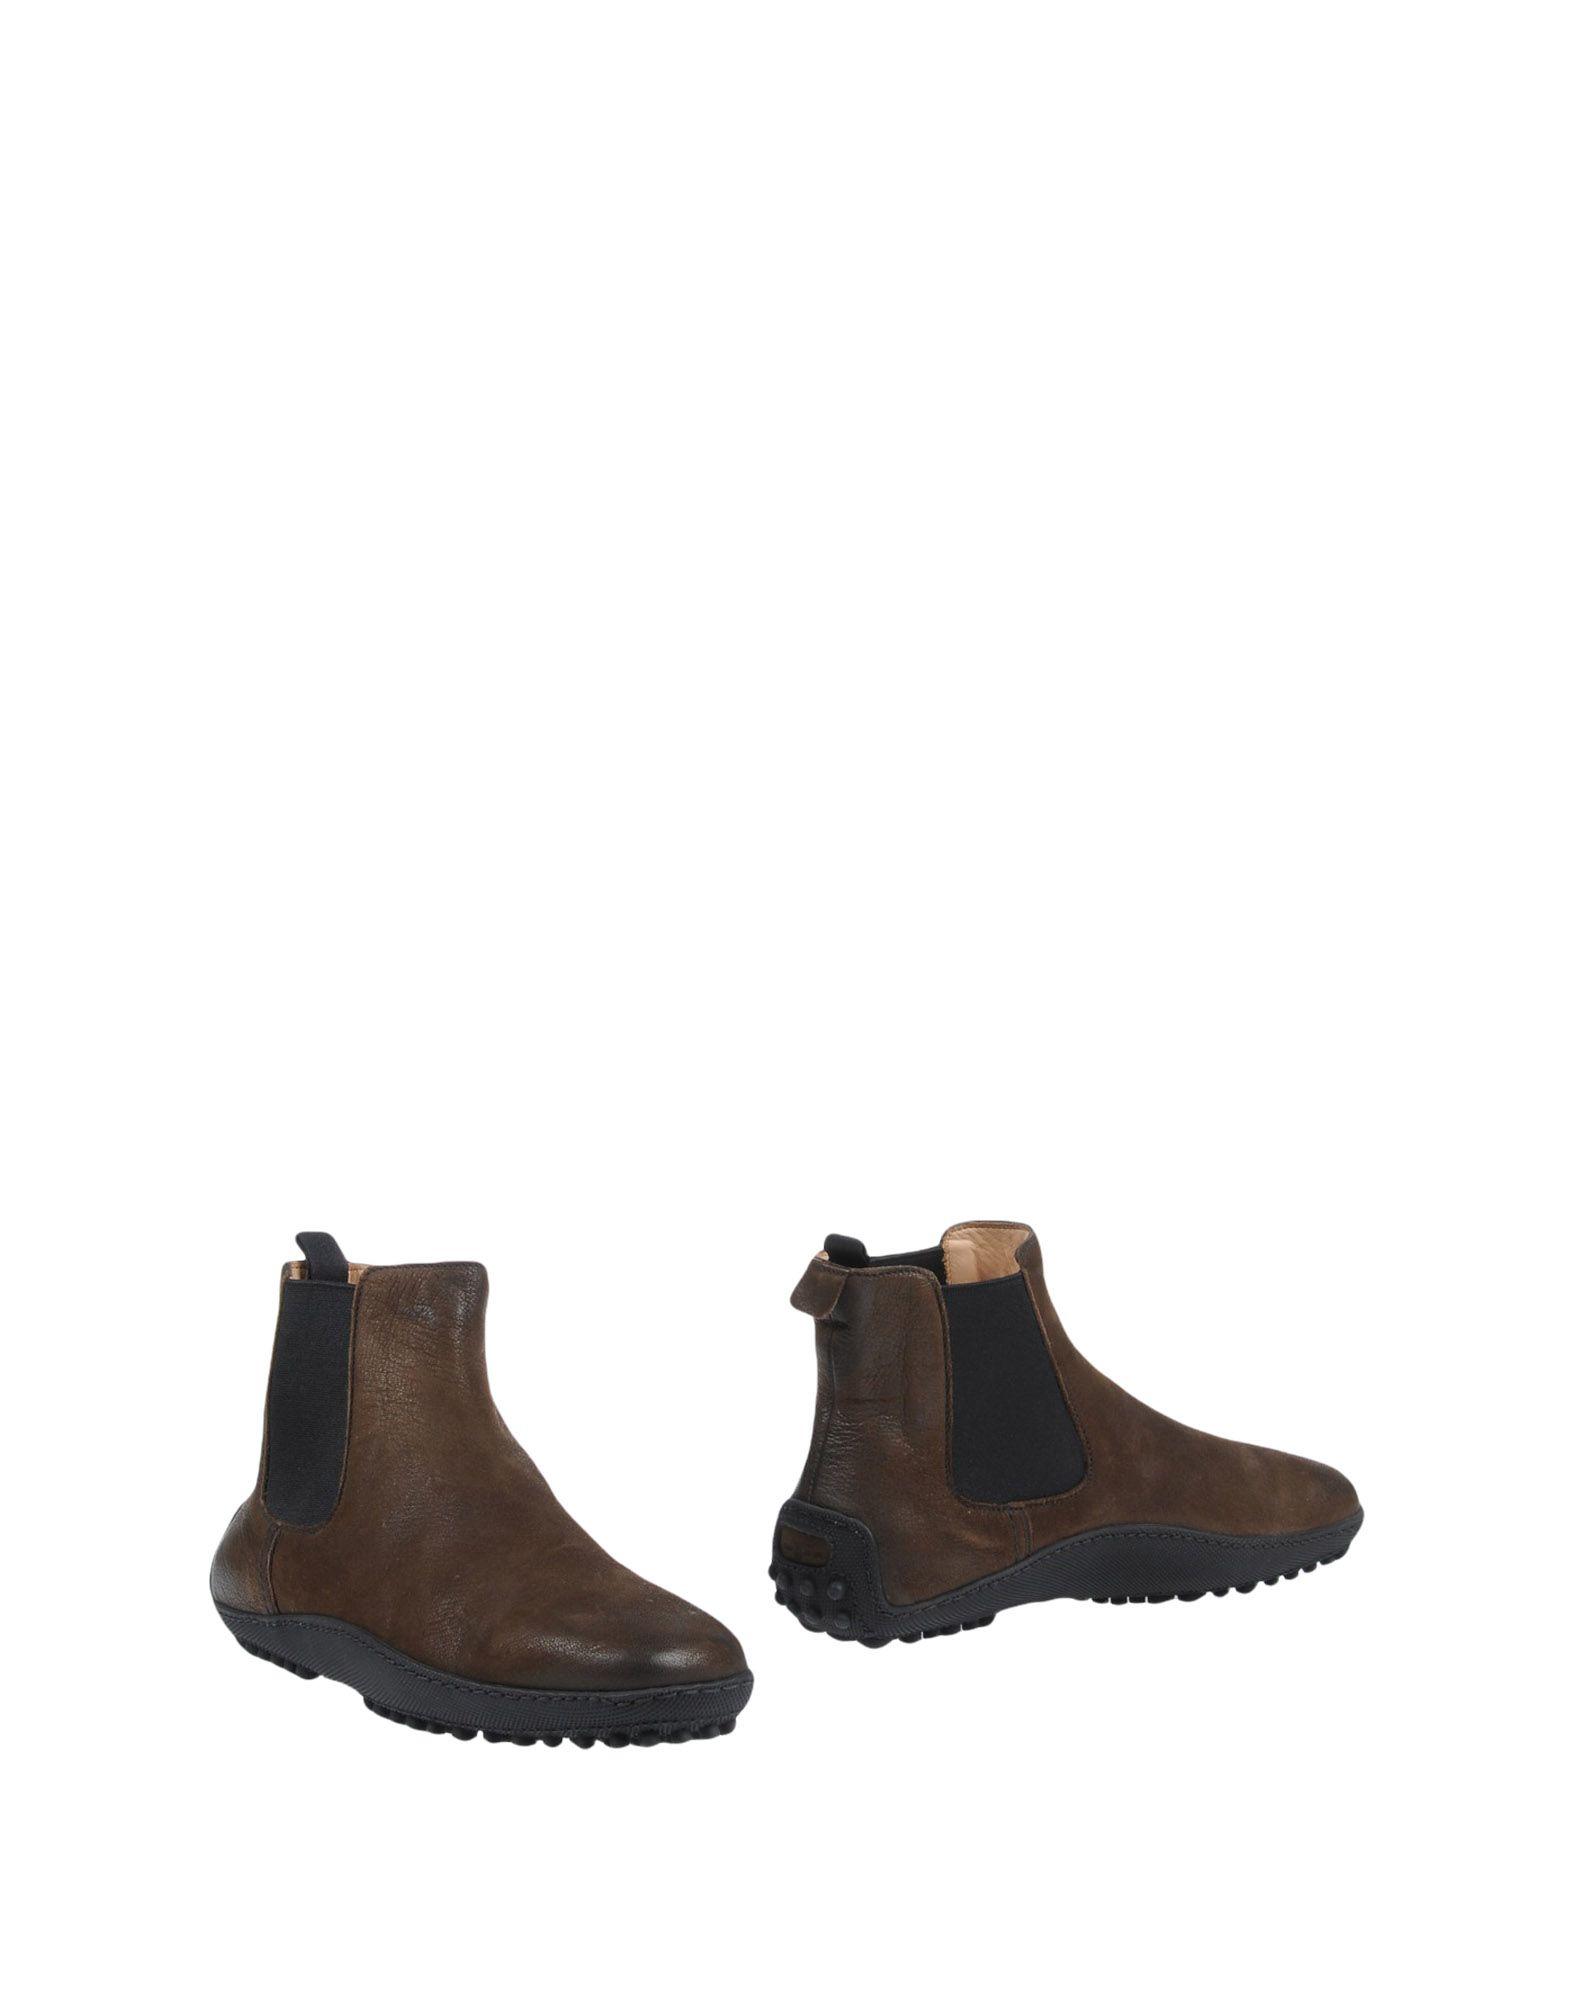 Carshoe Stiefelette Herren  11442406PR Gute Qualität beliebte Schuhe